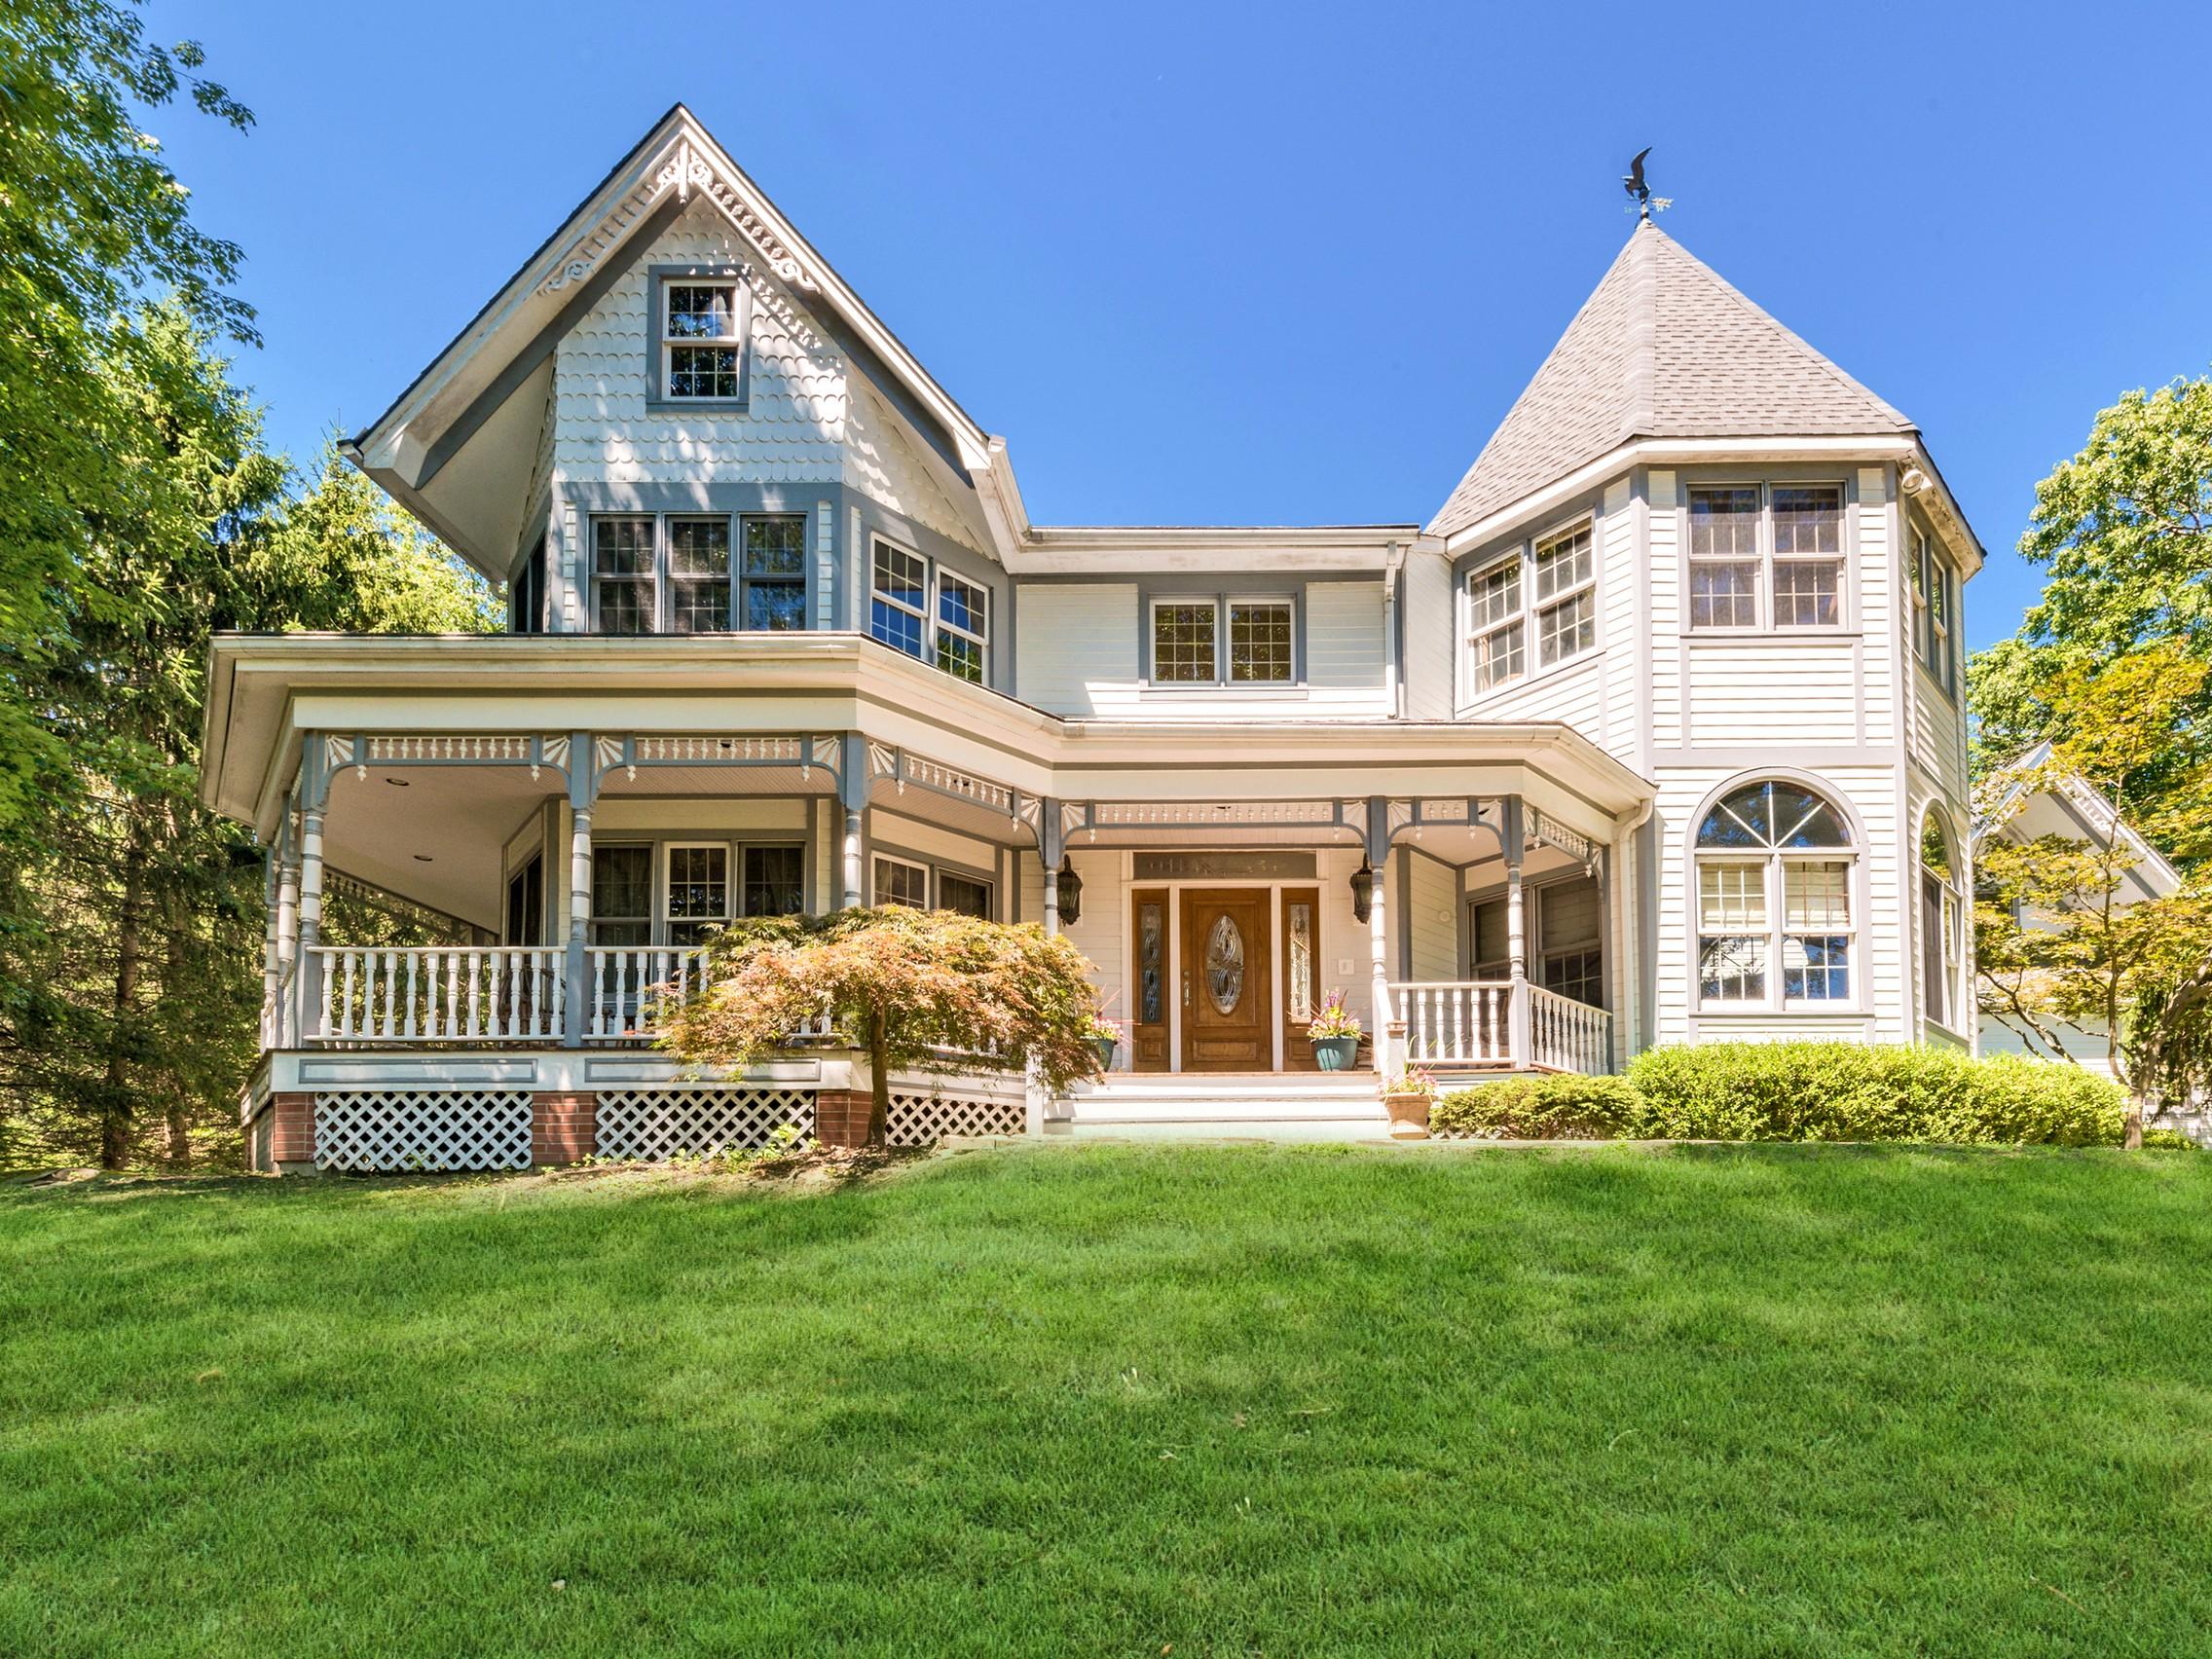 Villa per Vendita alle ore House on the Hill 218 Strawtown Road New City, New York, 10956 Stati Uniti